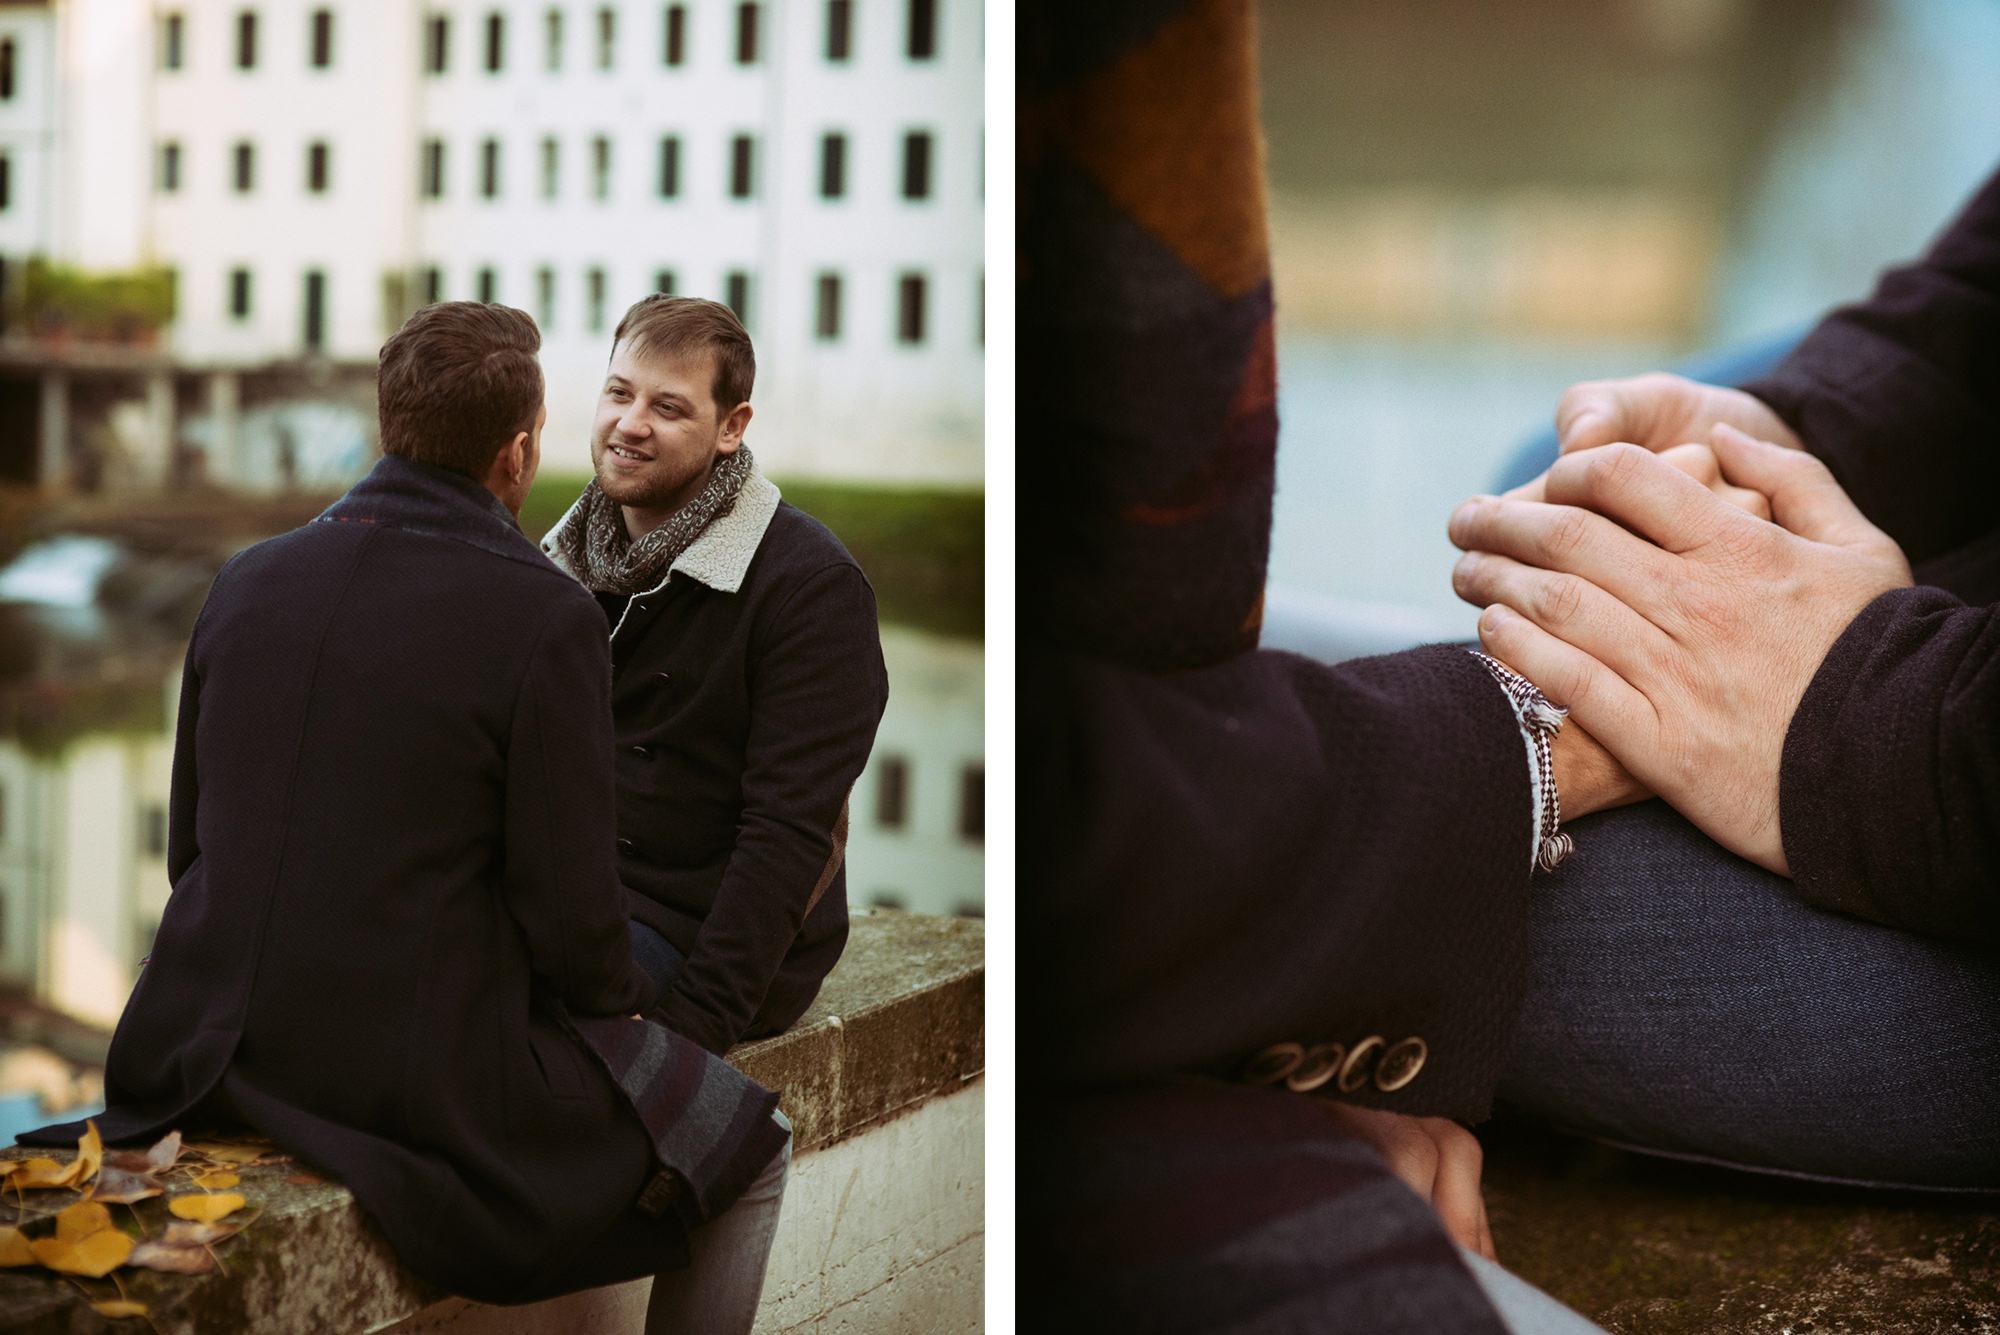 samesex couple photos italy 026 - Same-Sex Couple Photos Italy - Luca & Filippo